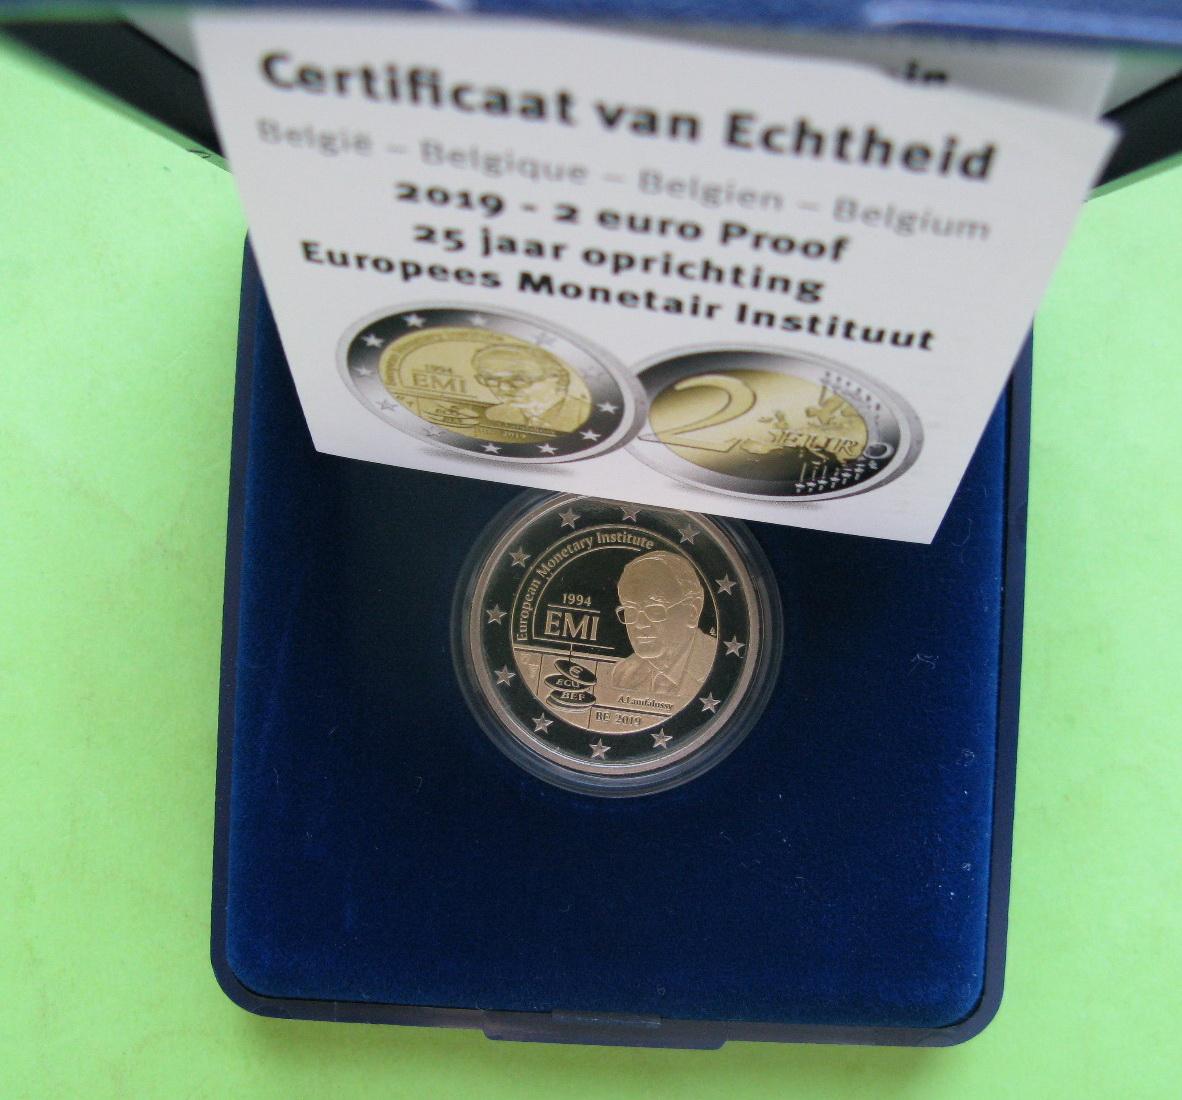 Бельгия 2 евро 2019 г. 25-летие Европейского валютного института (EMI) (пруф)